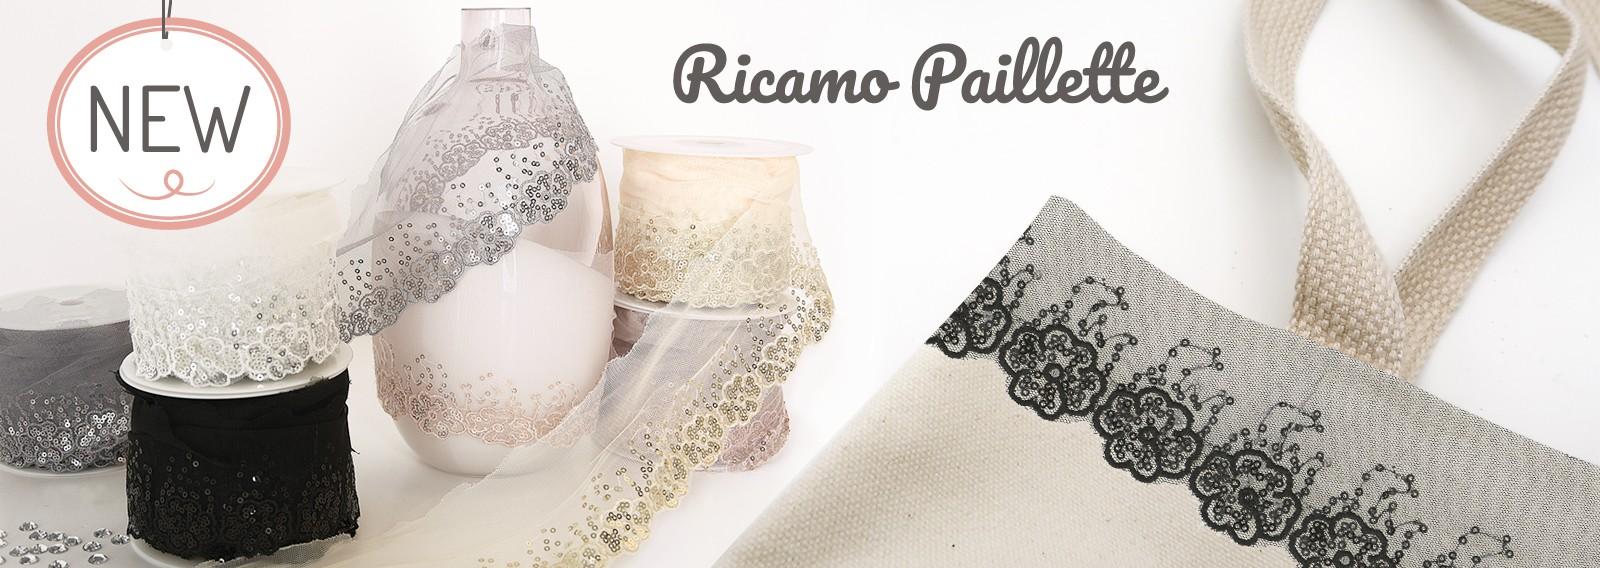 Ricamo Paillette